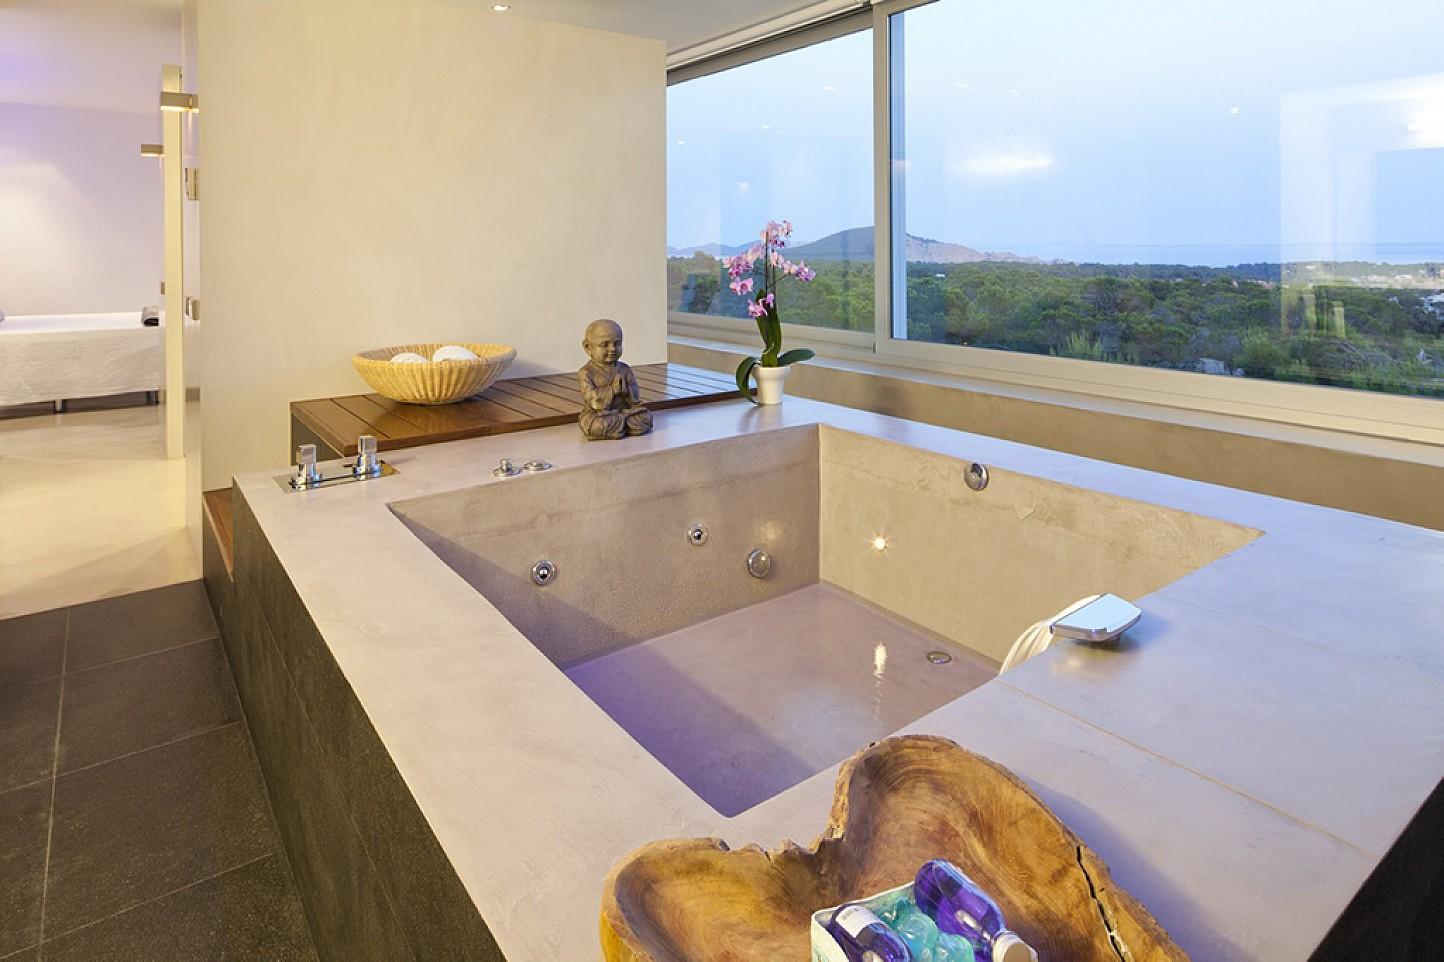 Fantástica bañera con vistas al exterior